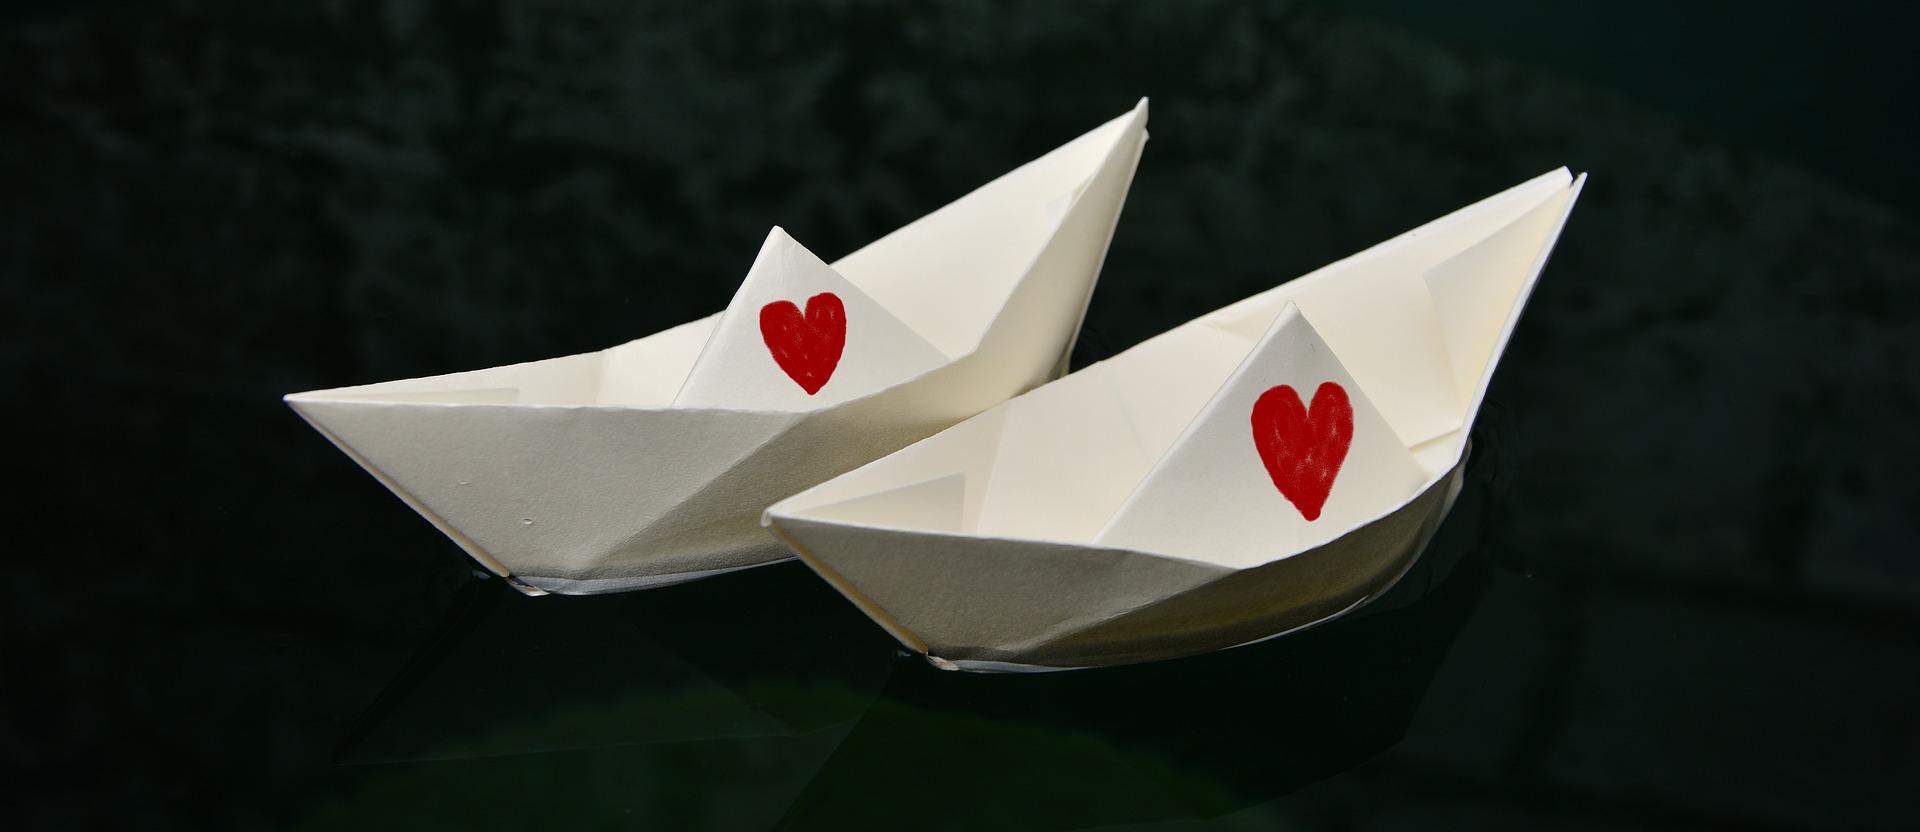 Impulse für eine gelingende Paarbeziehung